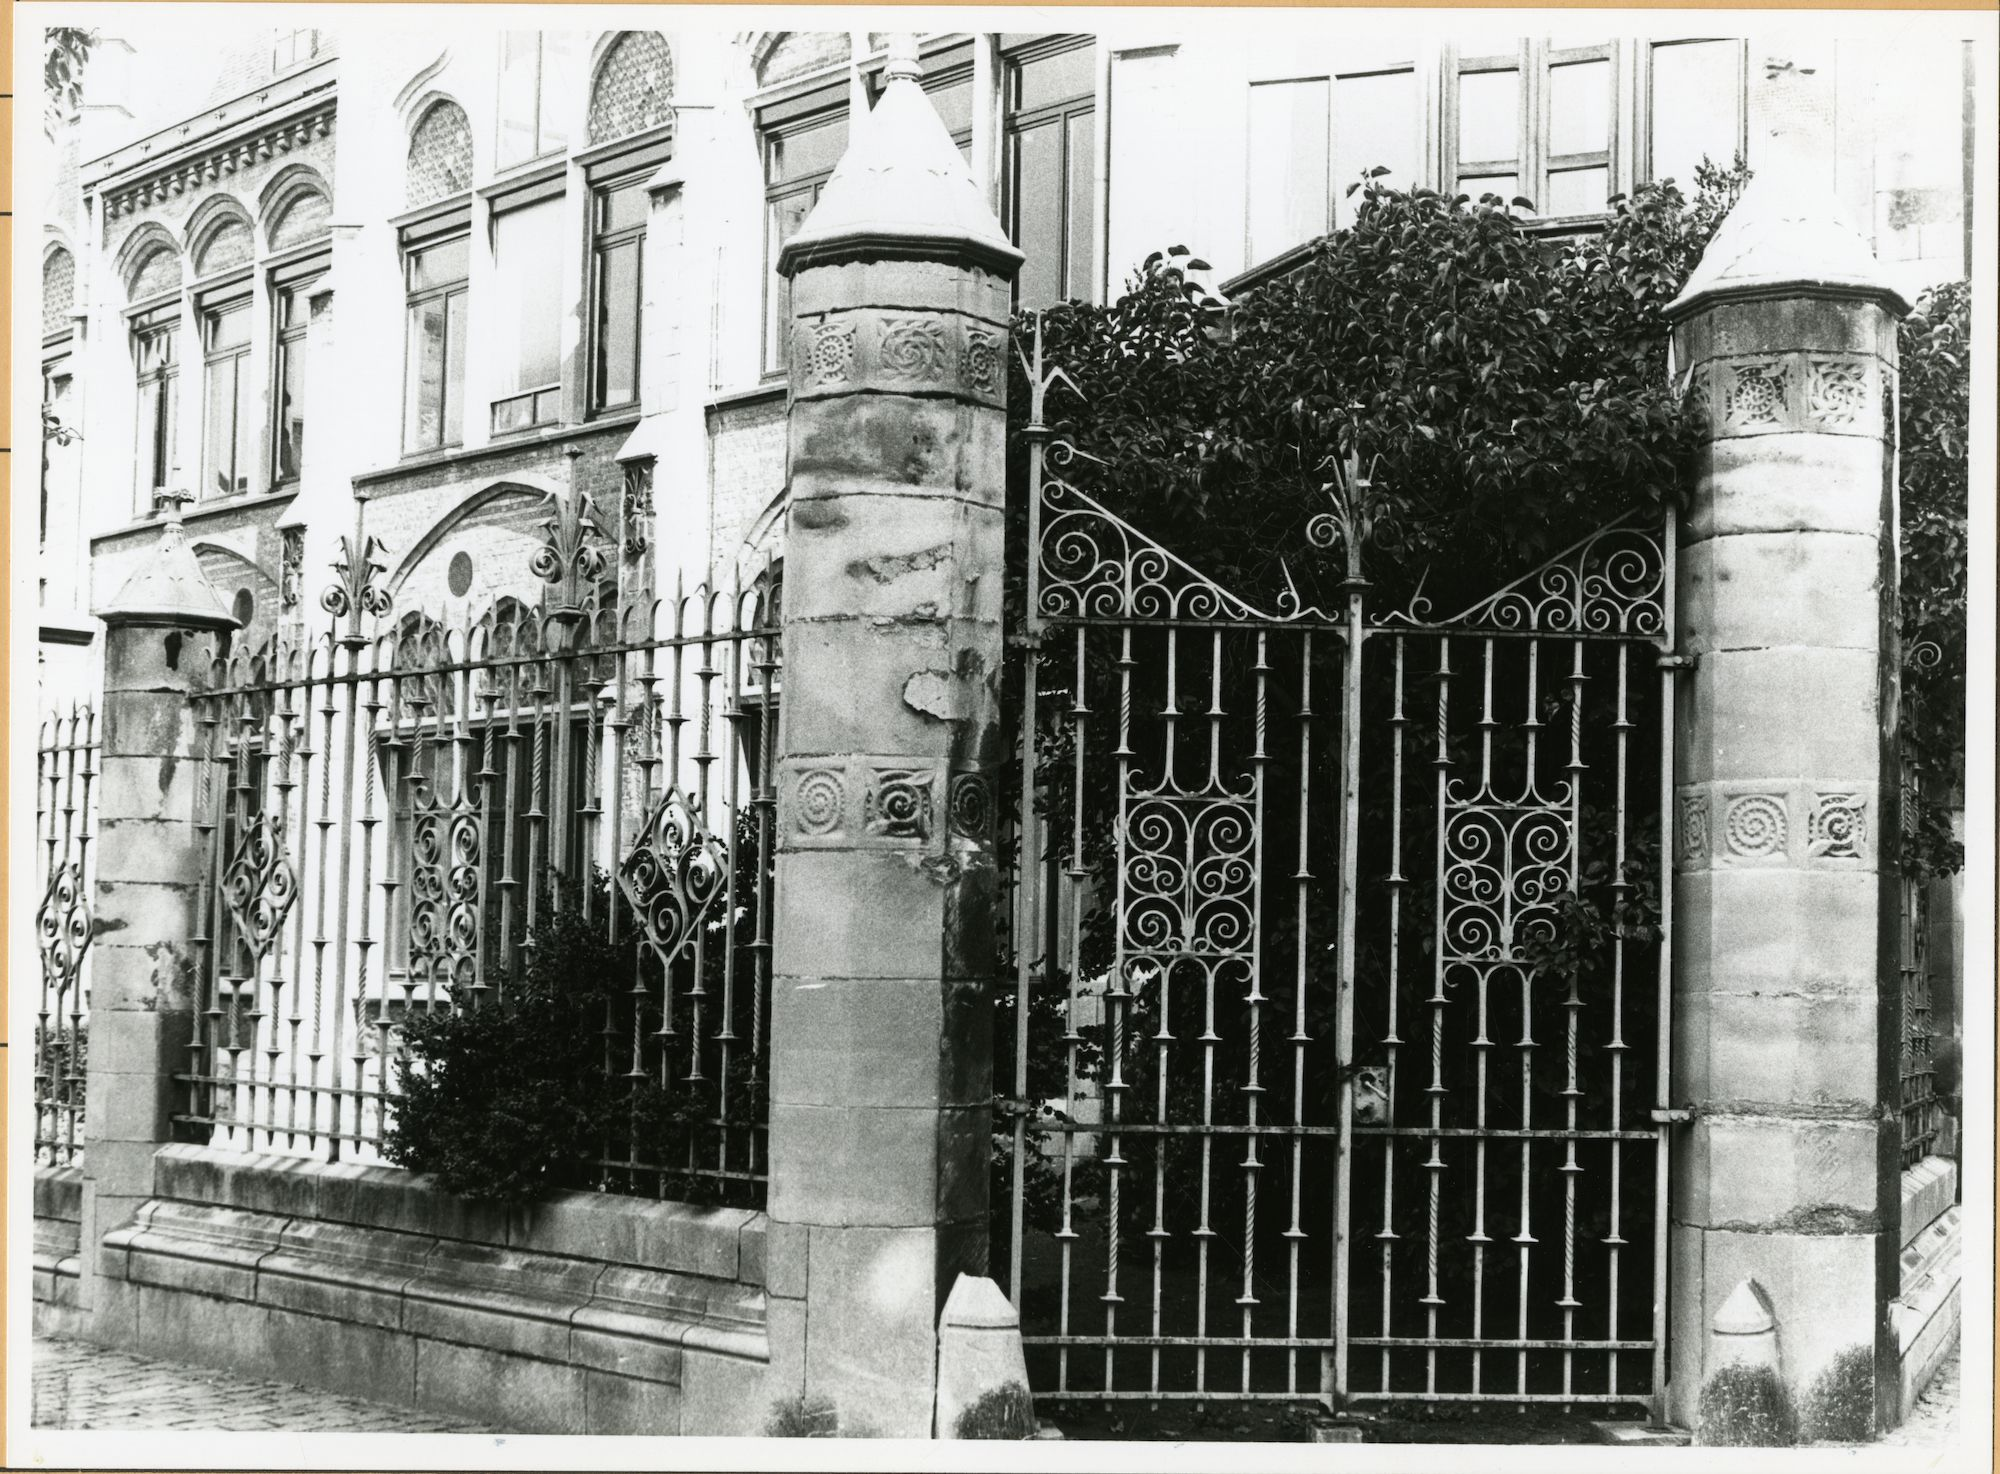 Gent: Jozef Kluyskensstraat 33: Gietijzeren hekken, 1979